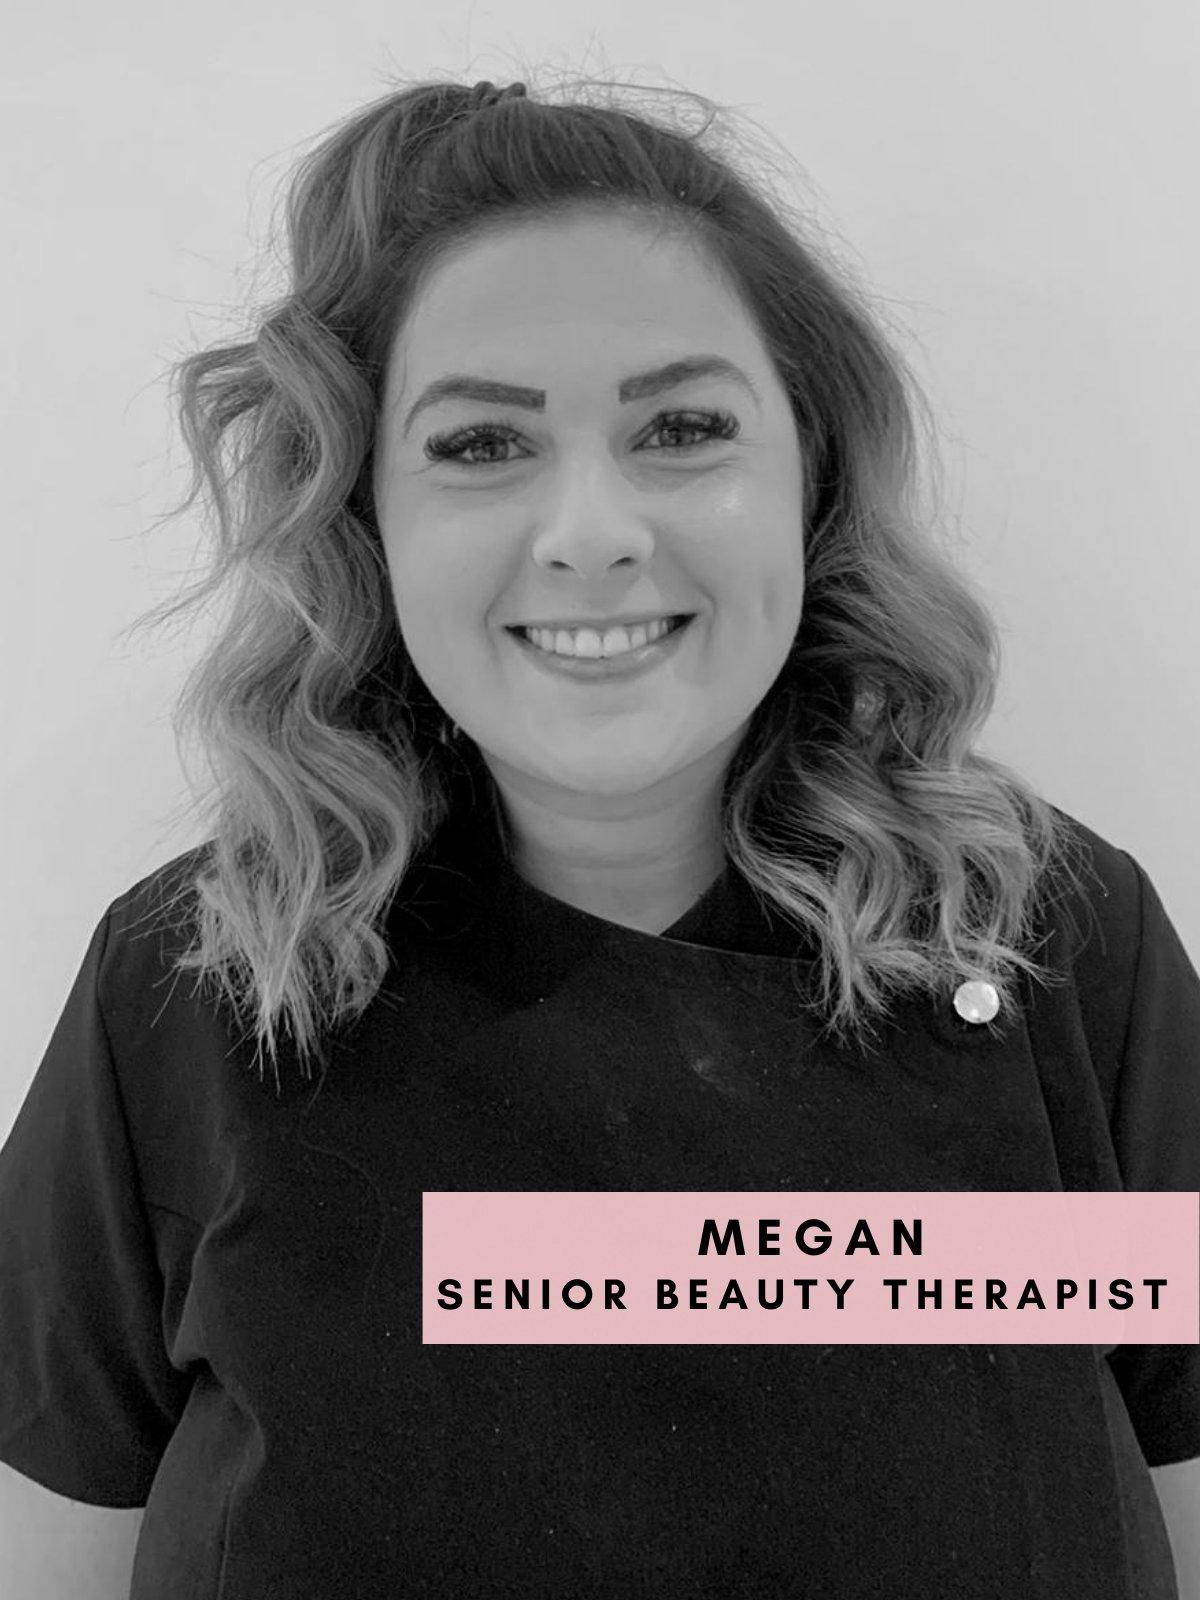 Megan – Senior Beauty Therapist